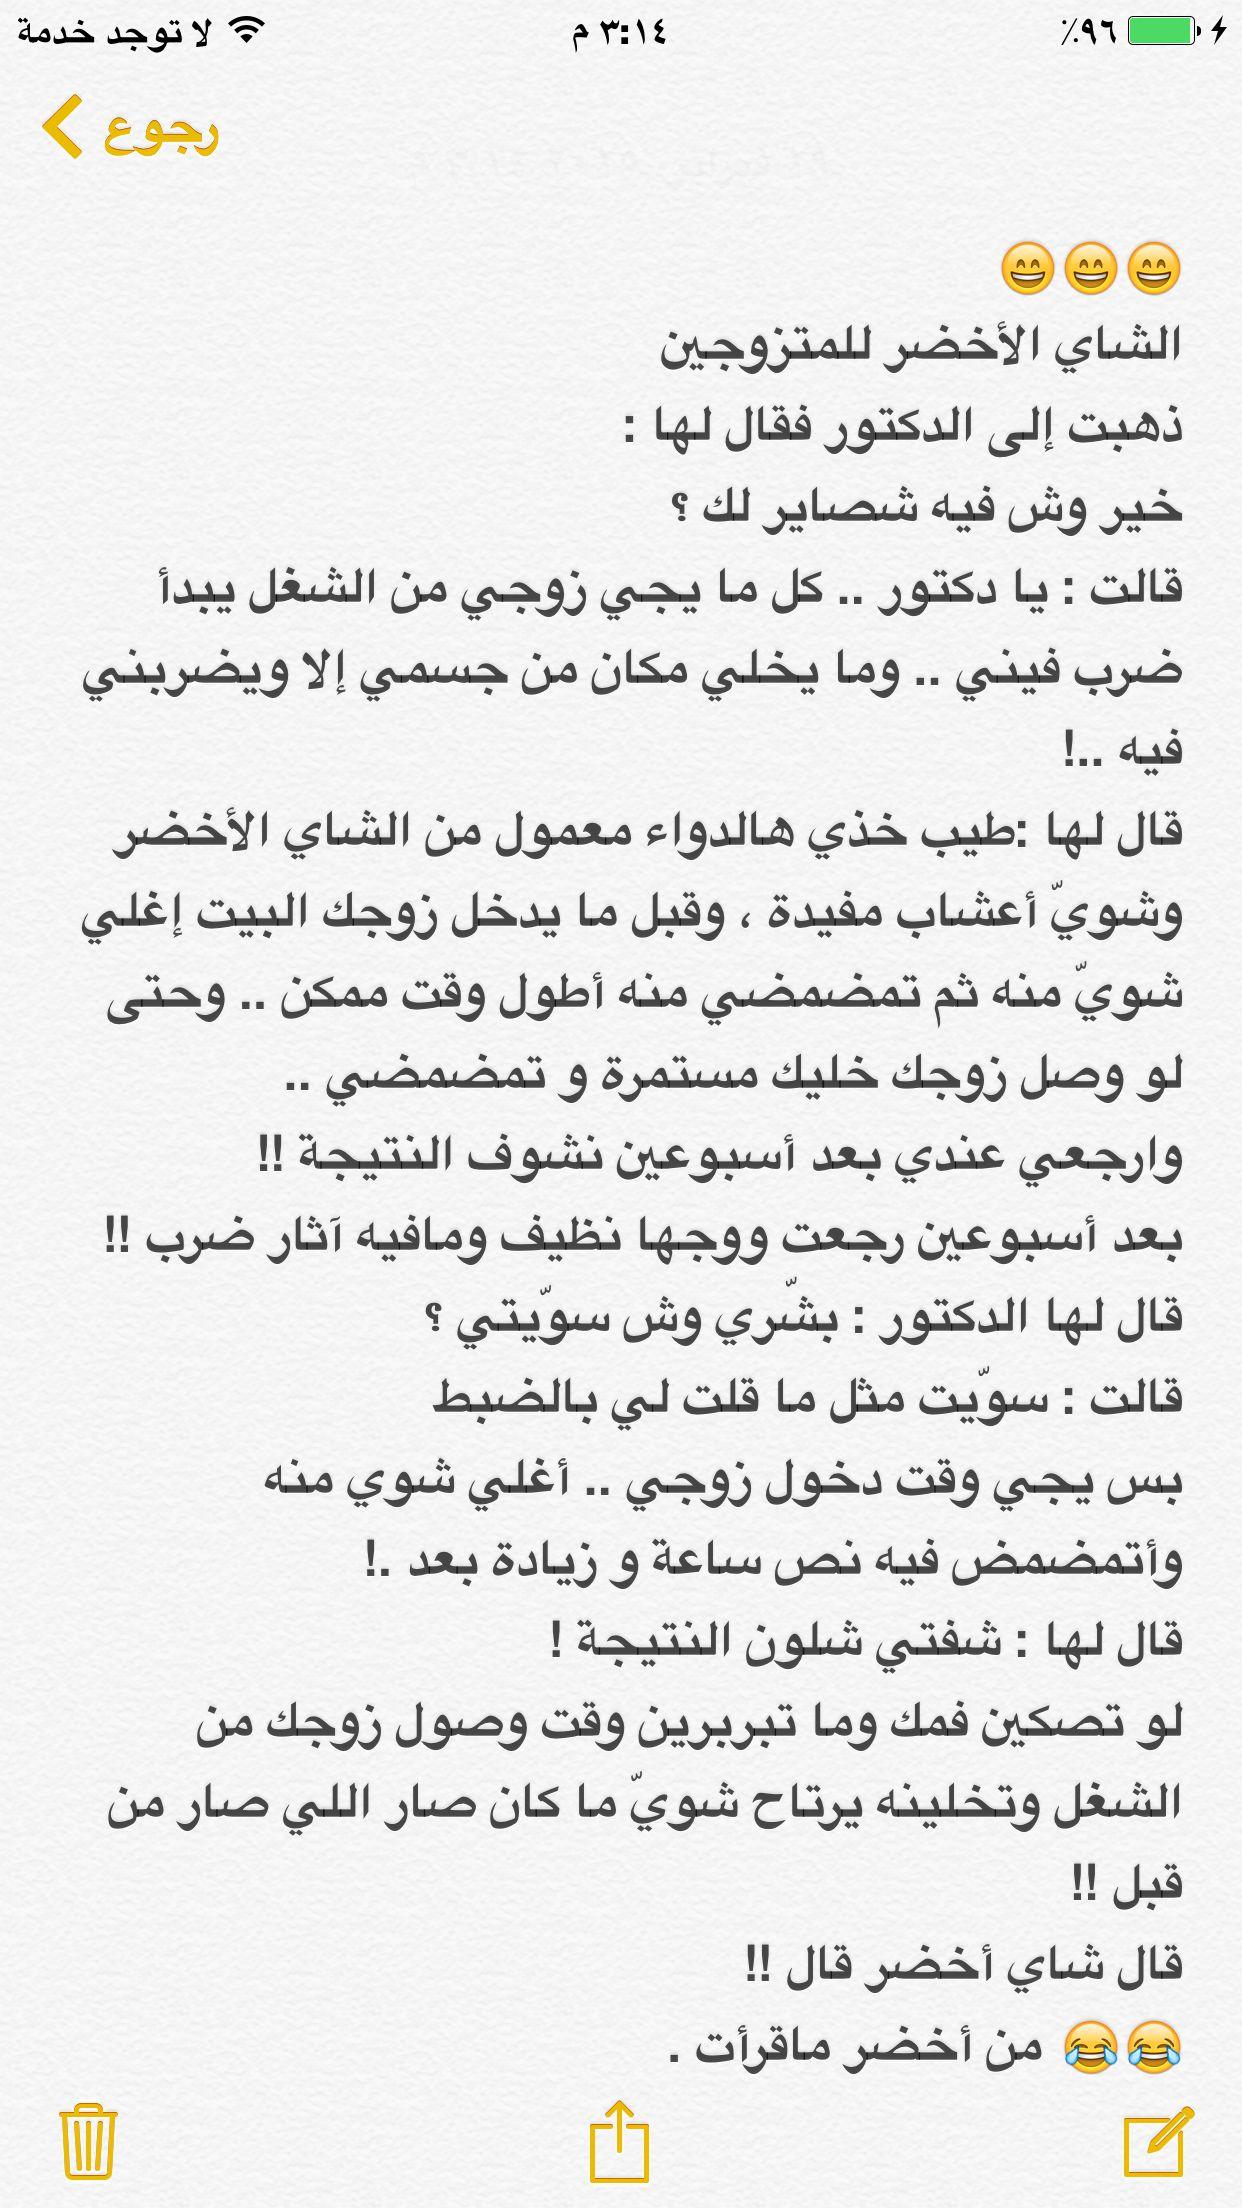 الشاي الاخضر للمتزوجين هههههههههه Funny Arabic Quotes Arabic Funny Jokes